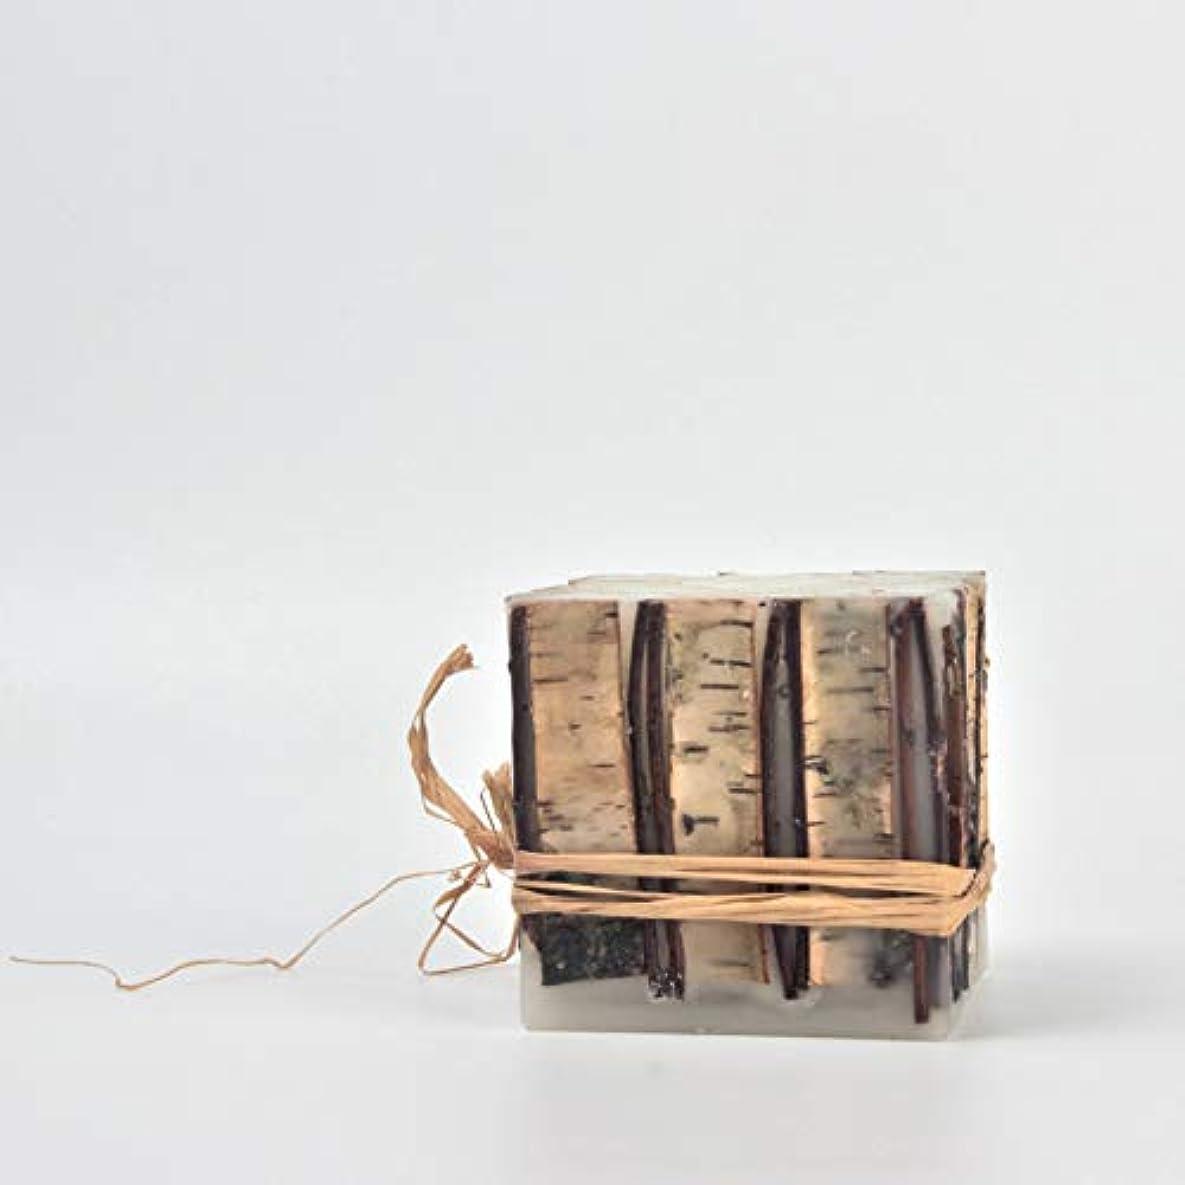 ファイバカード複製ACAO 手作りのクラフトキャンドルロマンチックなクリスマスの香りのキャンドルウェディングキャンドル (色 : 4x4x4)